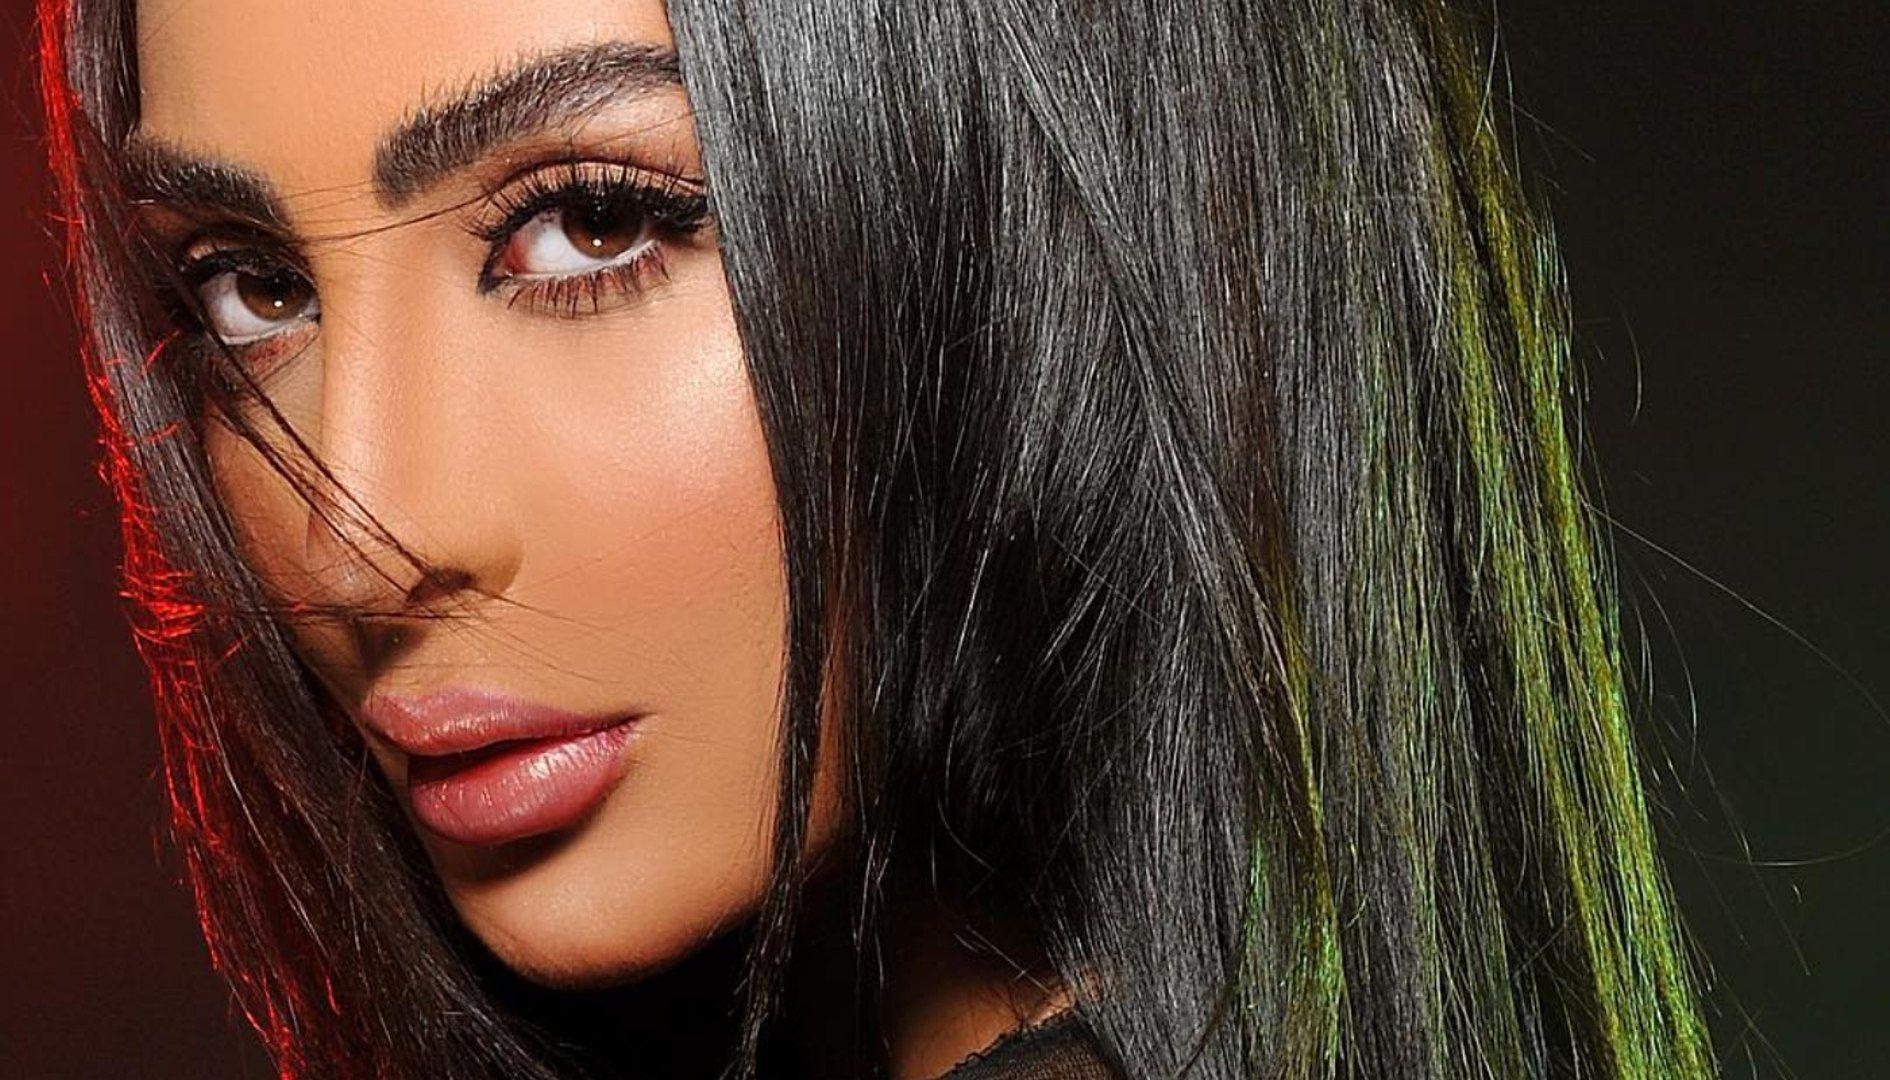 نور الغندور تكتشف عيبا في وجهها بعد تجميل أنفها وتطلب مساعدة الجمهور Hair Styles Beauty Hair